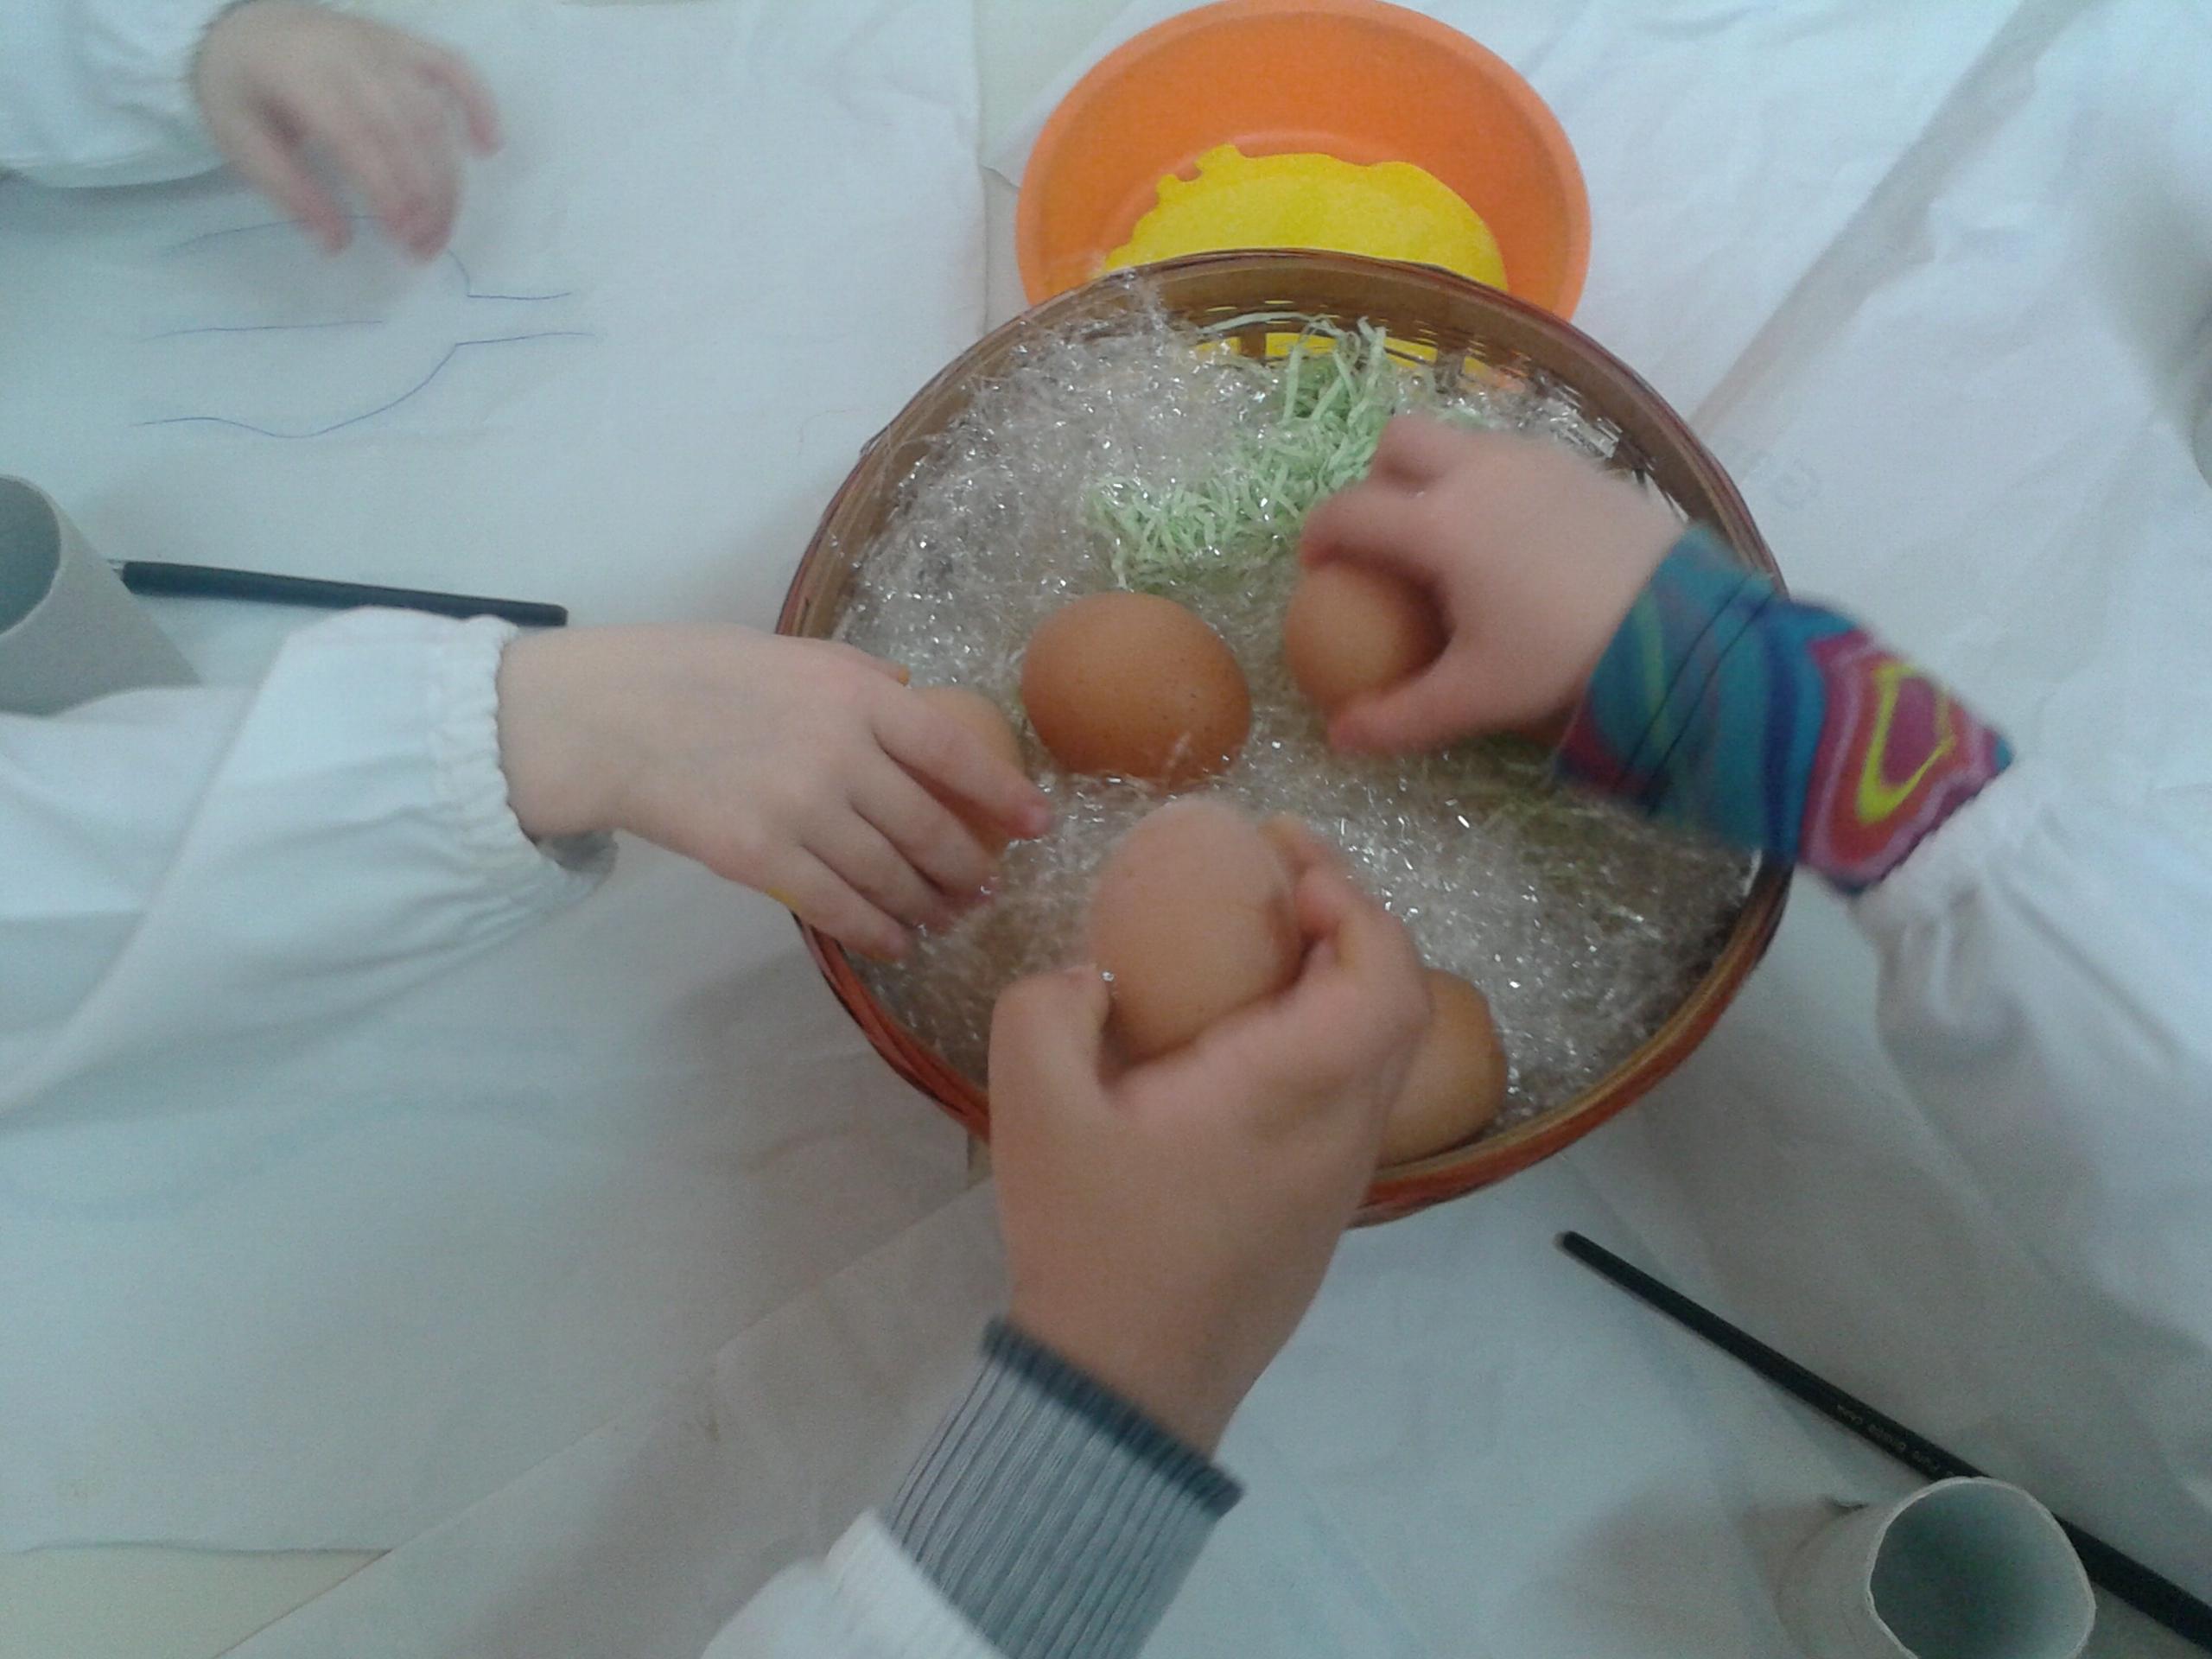 Maestra maria filastrocche canti poesie per l - Uova decorate per bambini ...